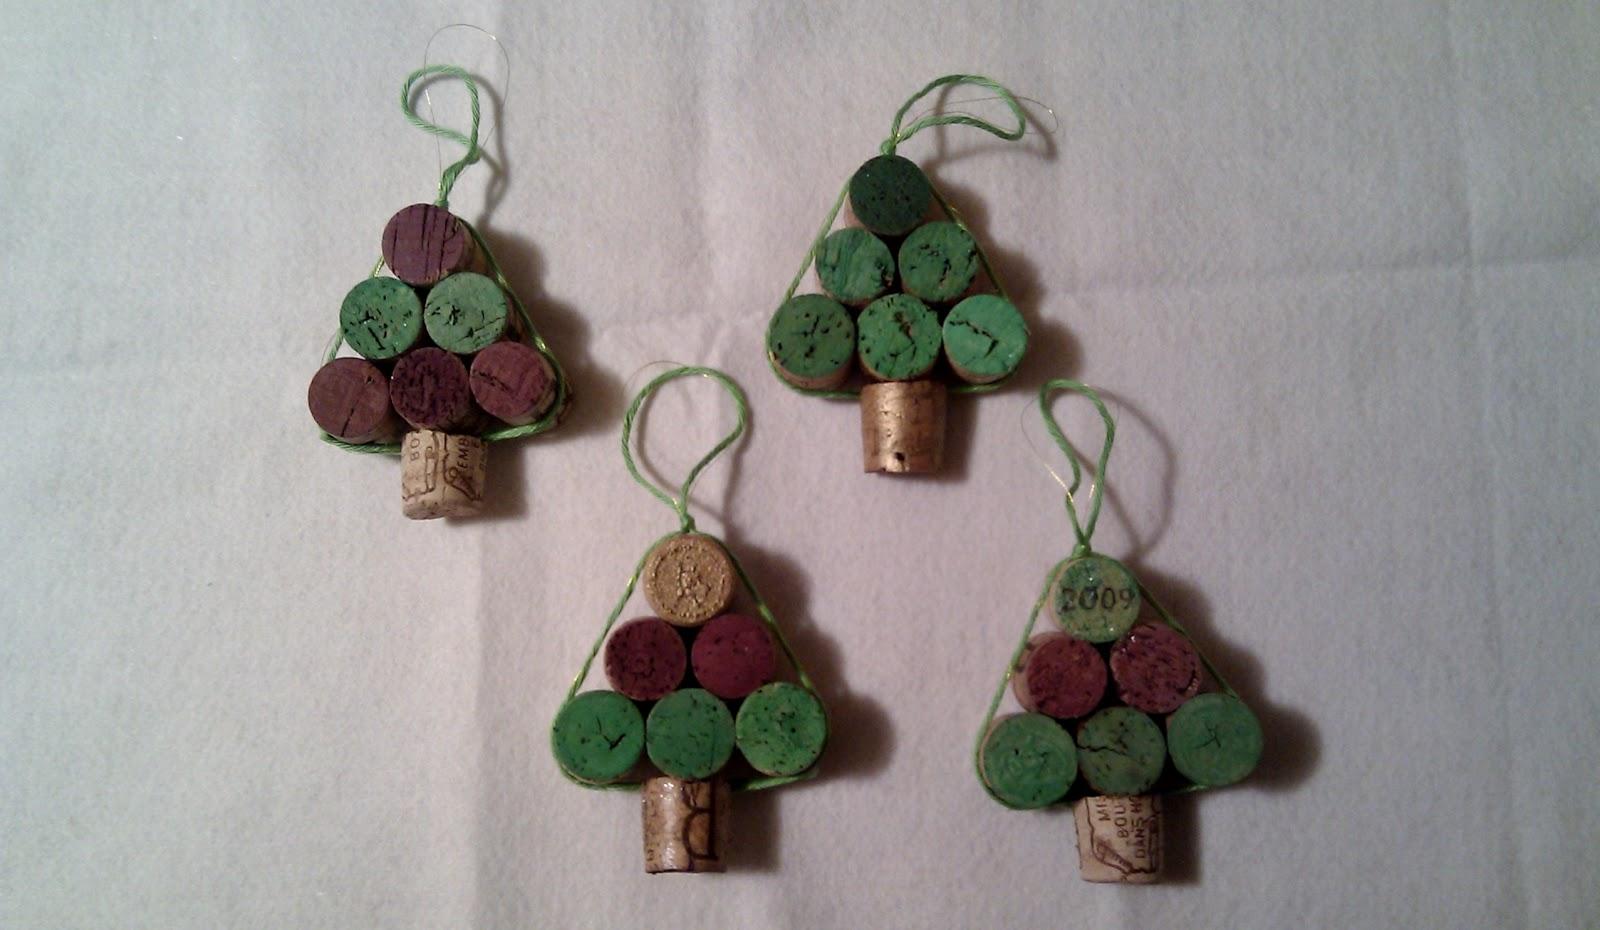 Adornos navide os hechos con materiales reciclables for Materiales para hacer adornos navidenos